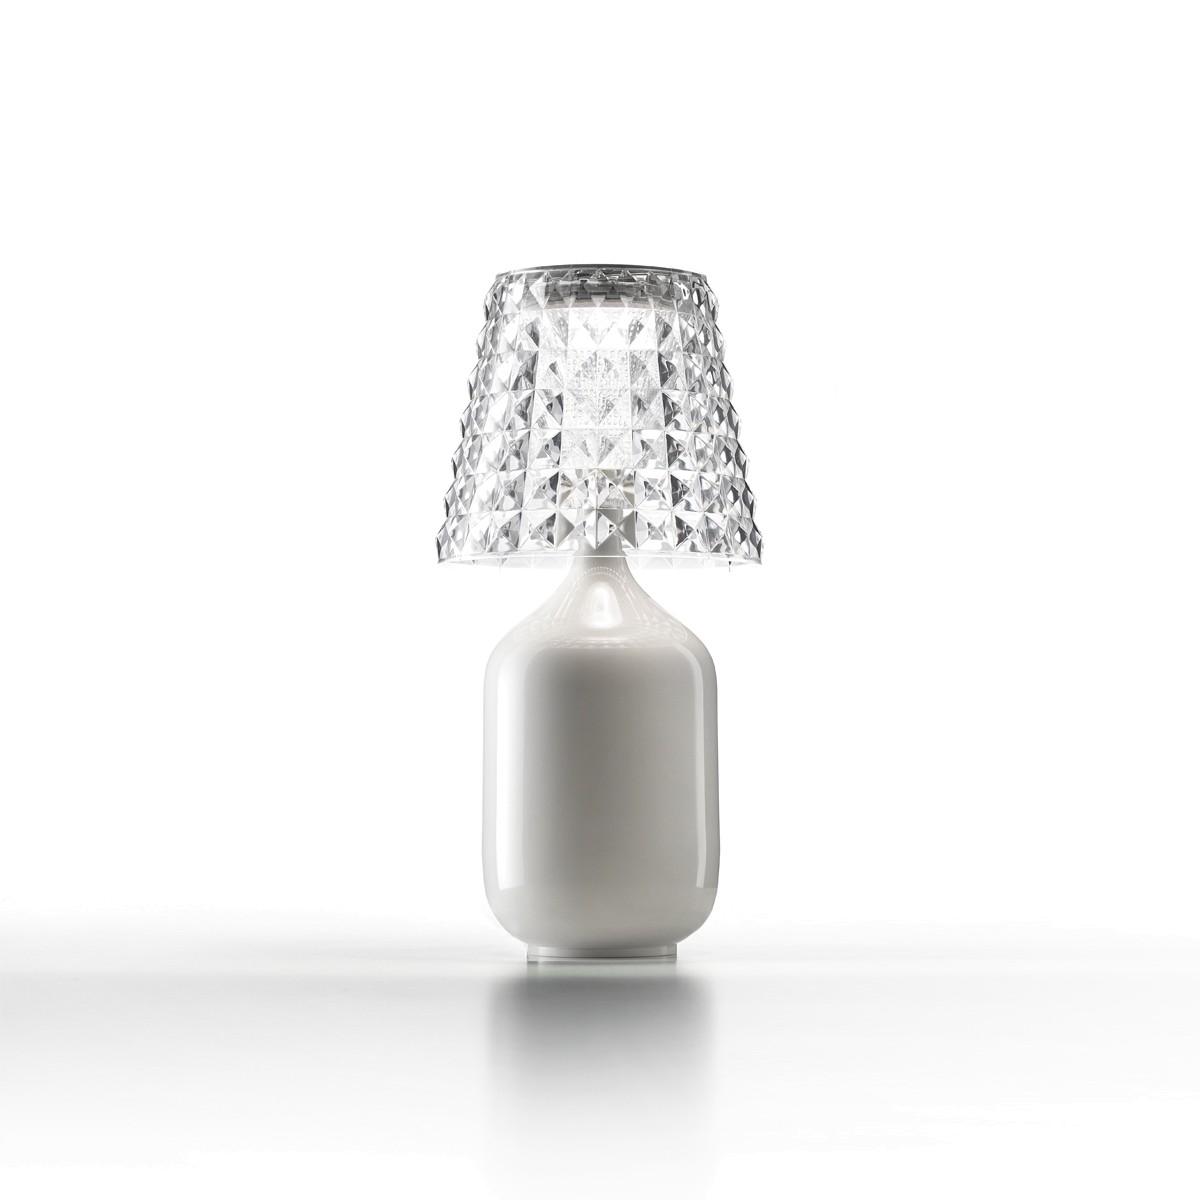 Studio Italia Design Valentina Tischleuchte, weiß glänzend